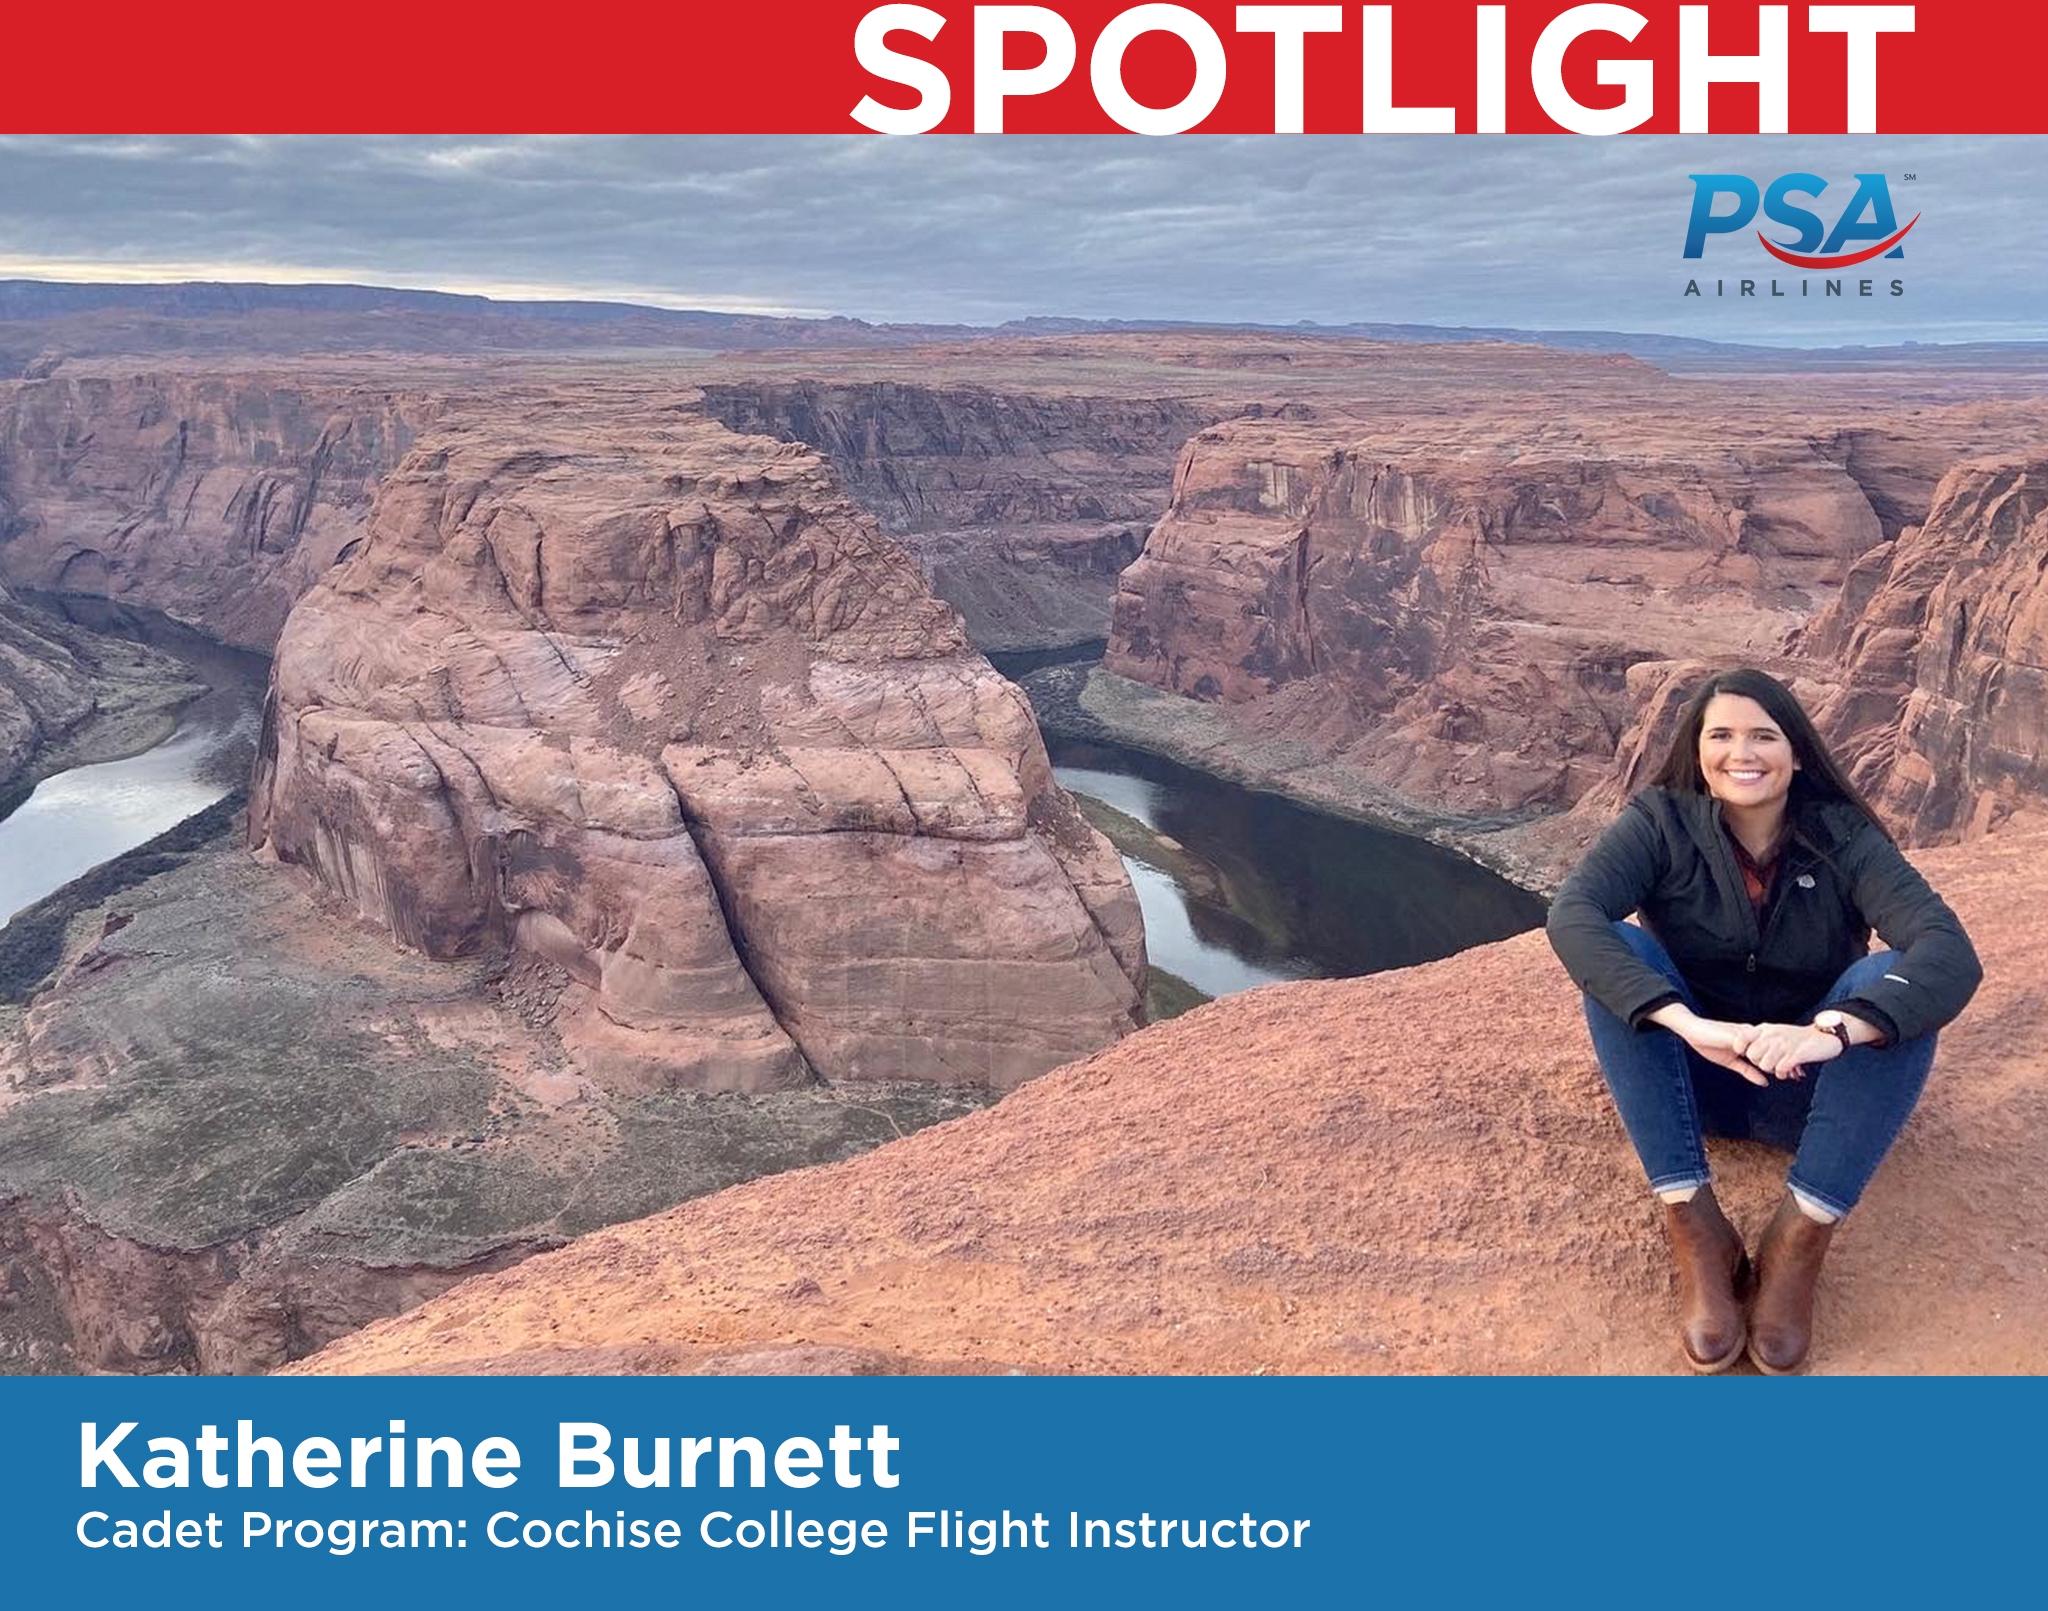 Katherine Burnett